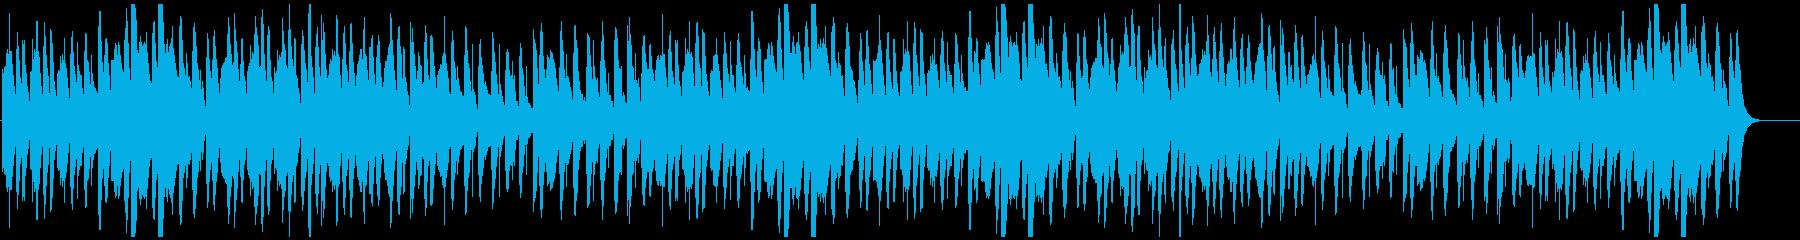 猫踏んじゃった【マリンバ】(アップ)の再生済みの波形